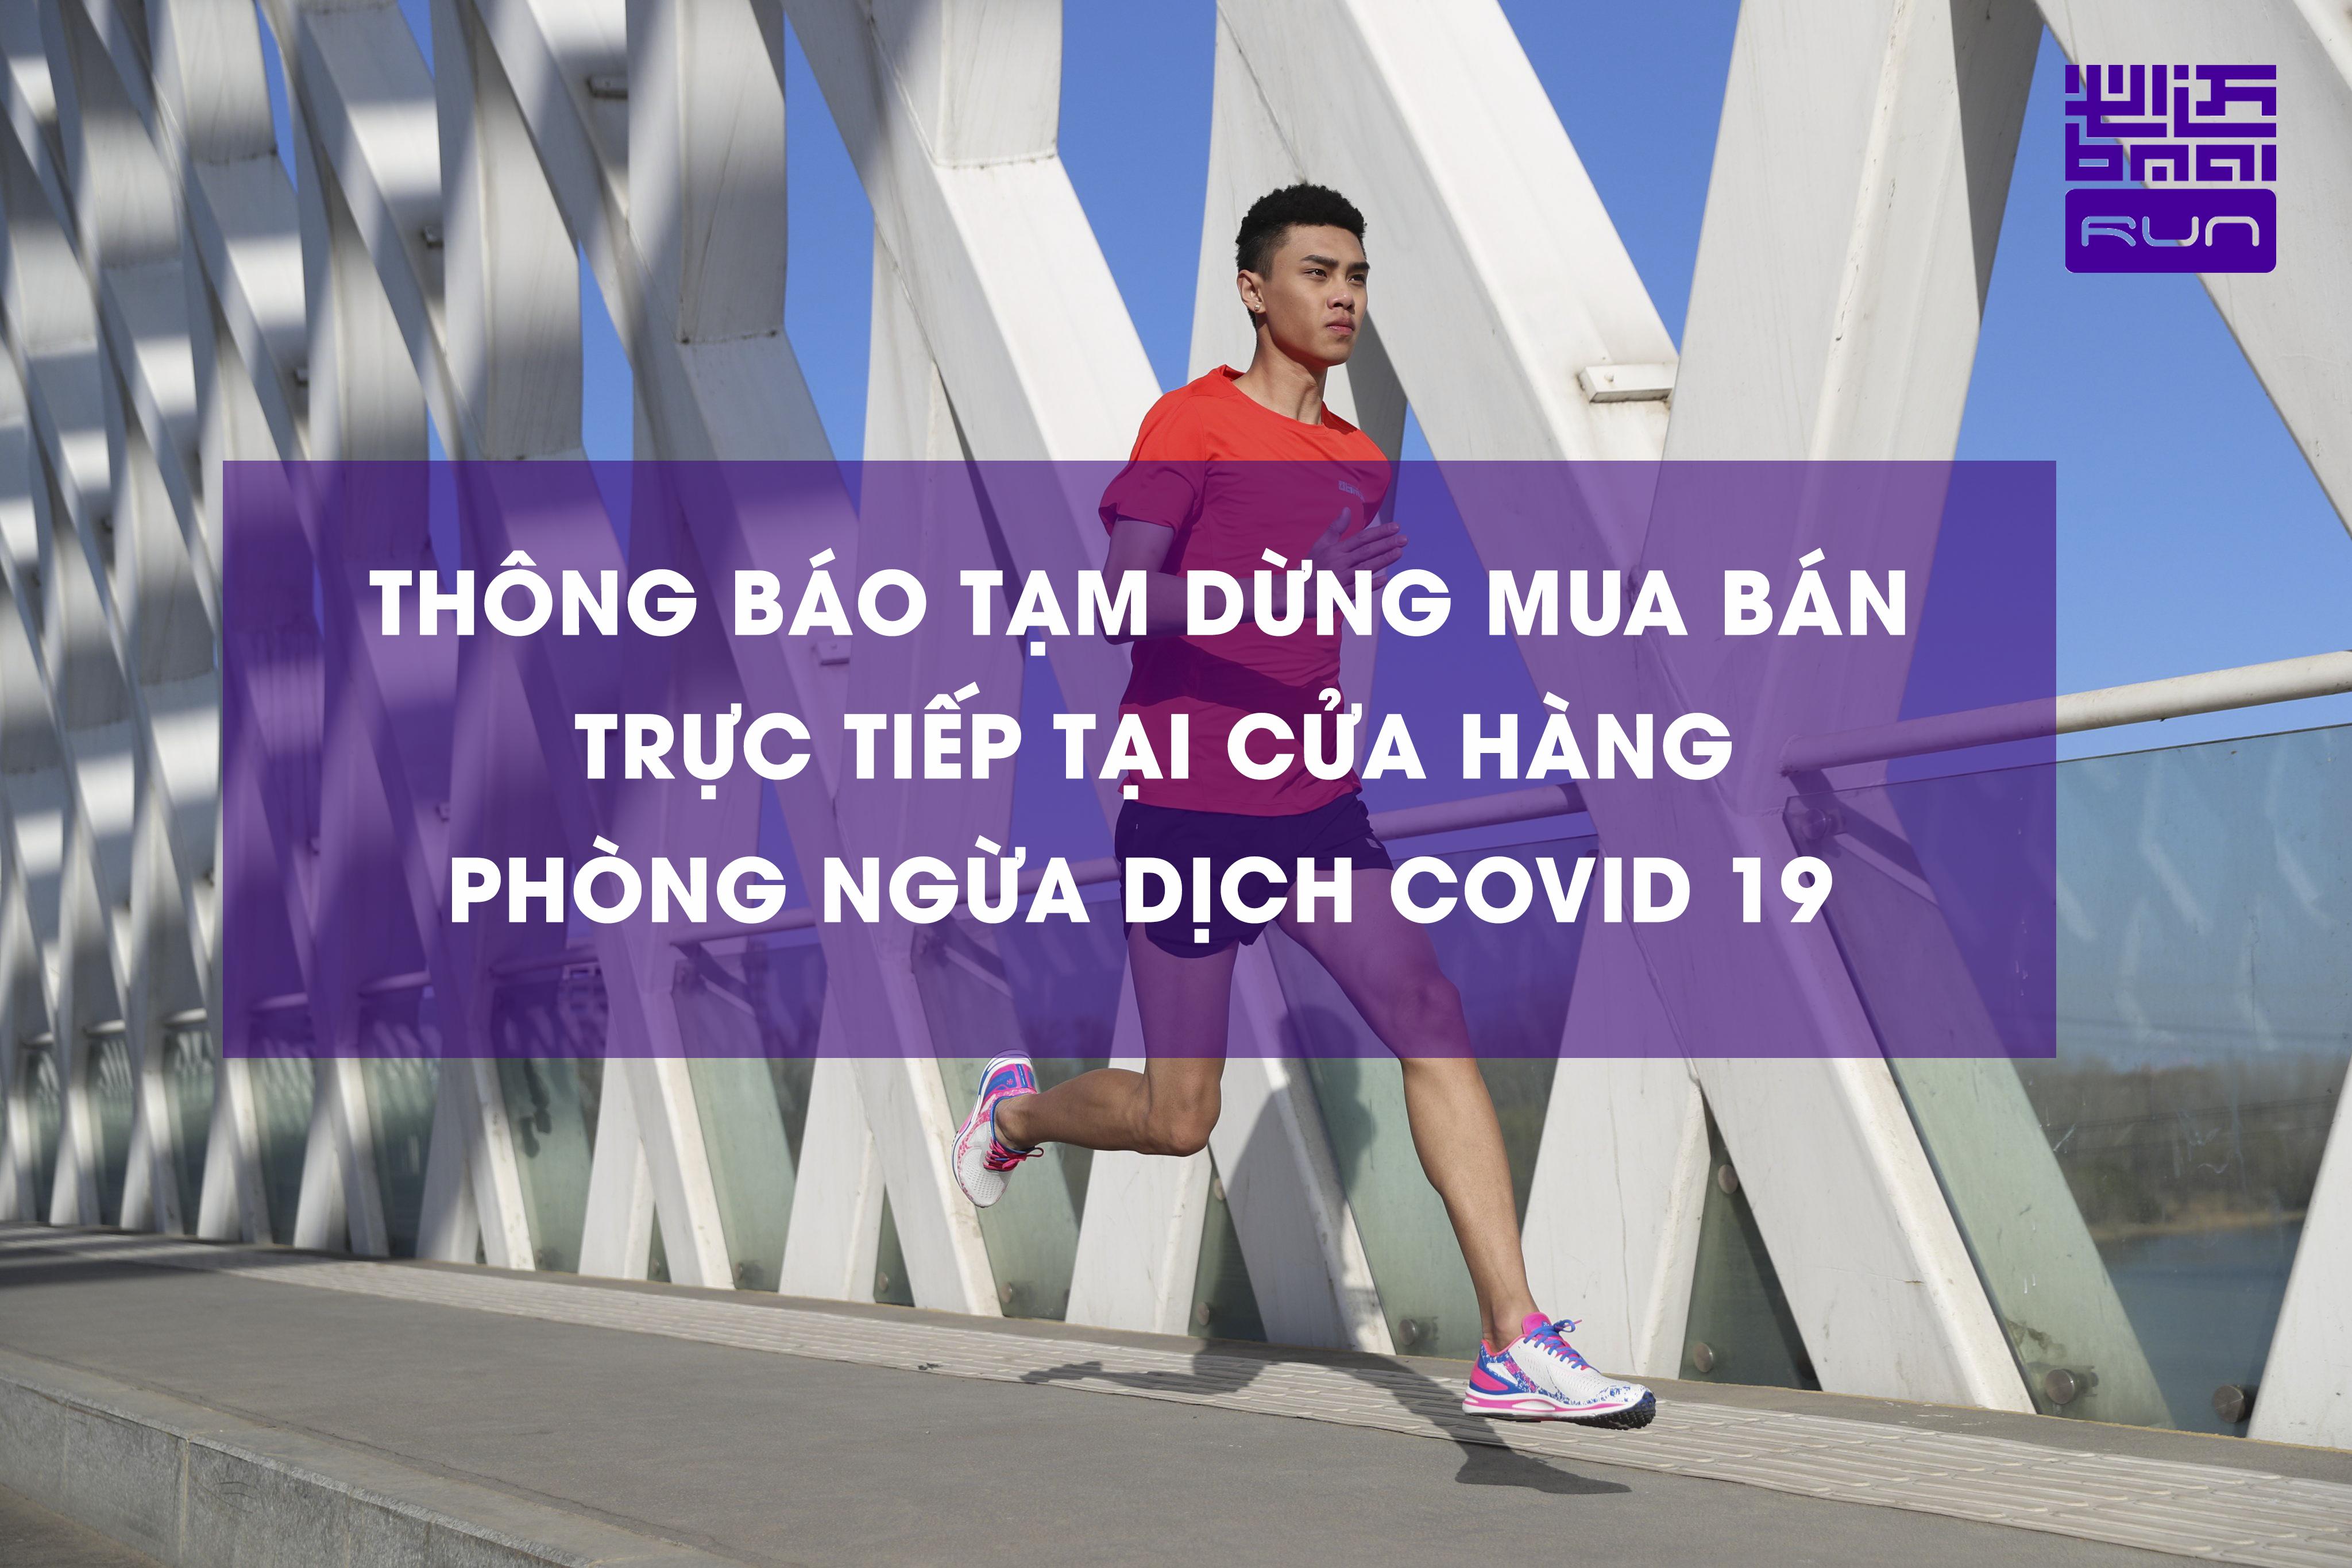 Bmai Sport Việt Nam - Thông báo tạm dừng mua bán trực tiếp tại cửa hàng